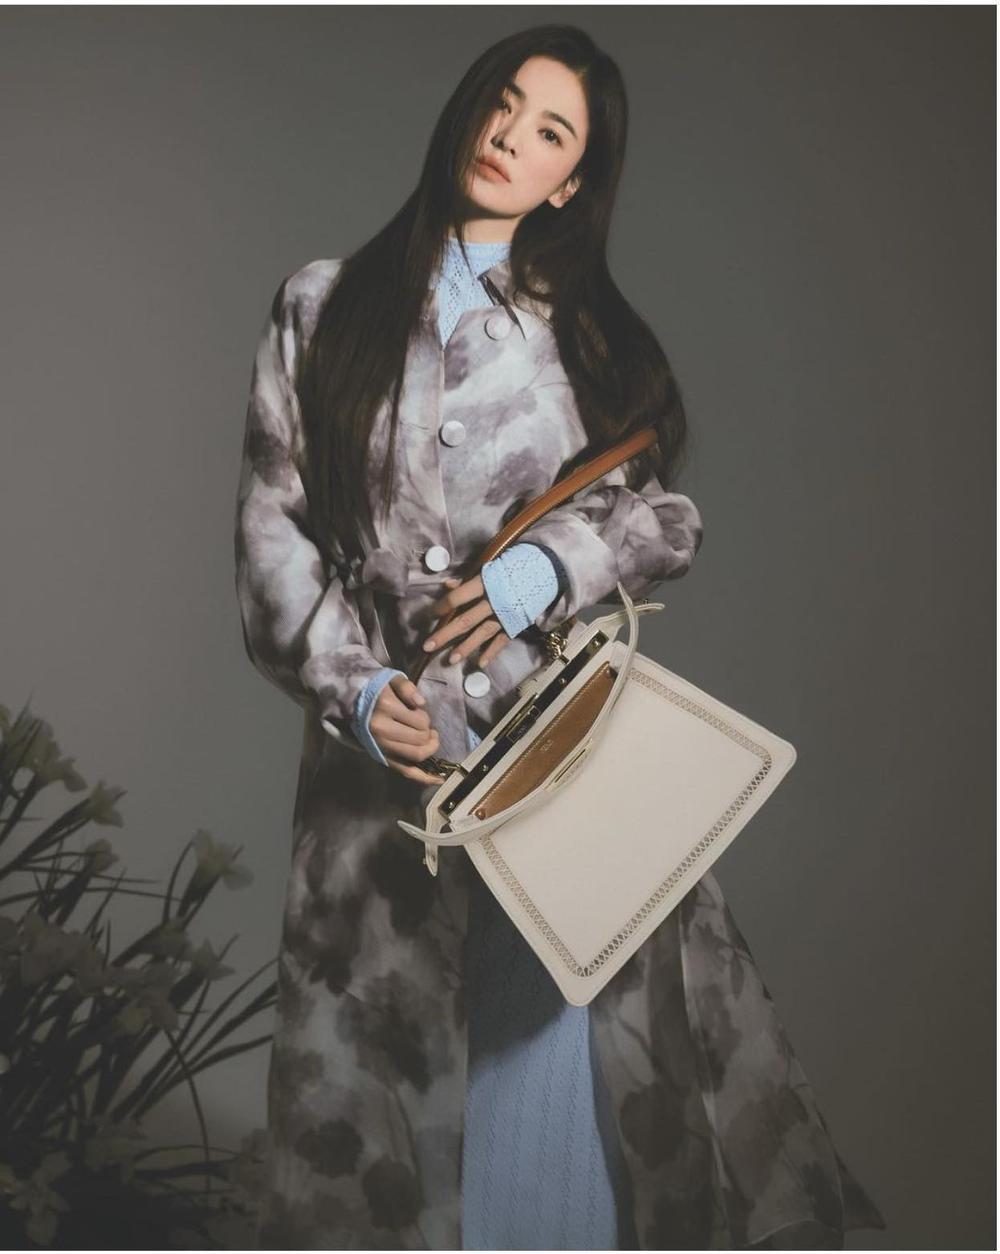 Song Hye Kyo chính thức trở thành đại sứ Fendi với loạt ảnh sang - xịn -mịn Ảnh 4